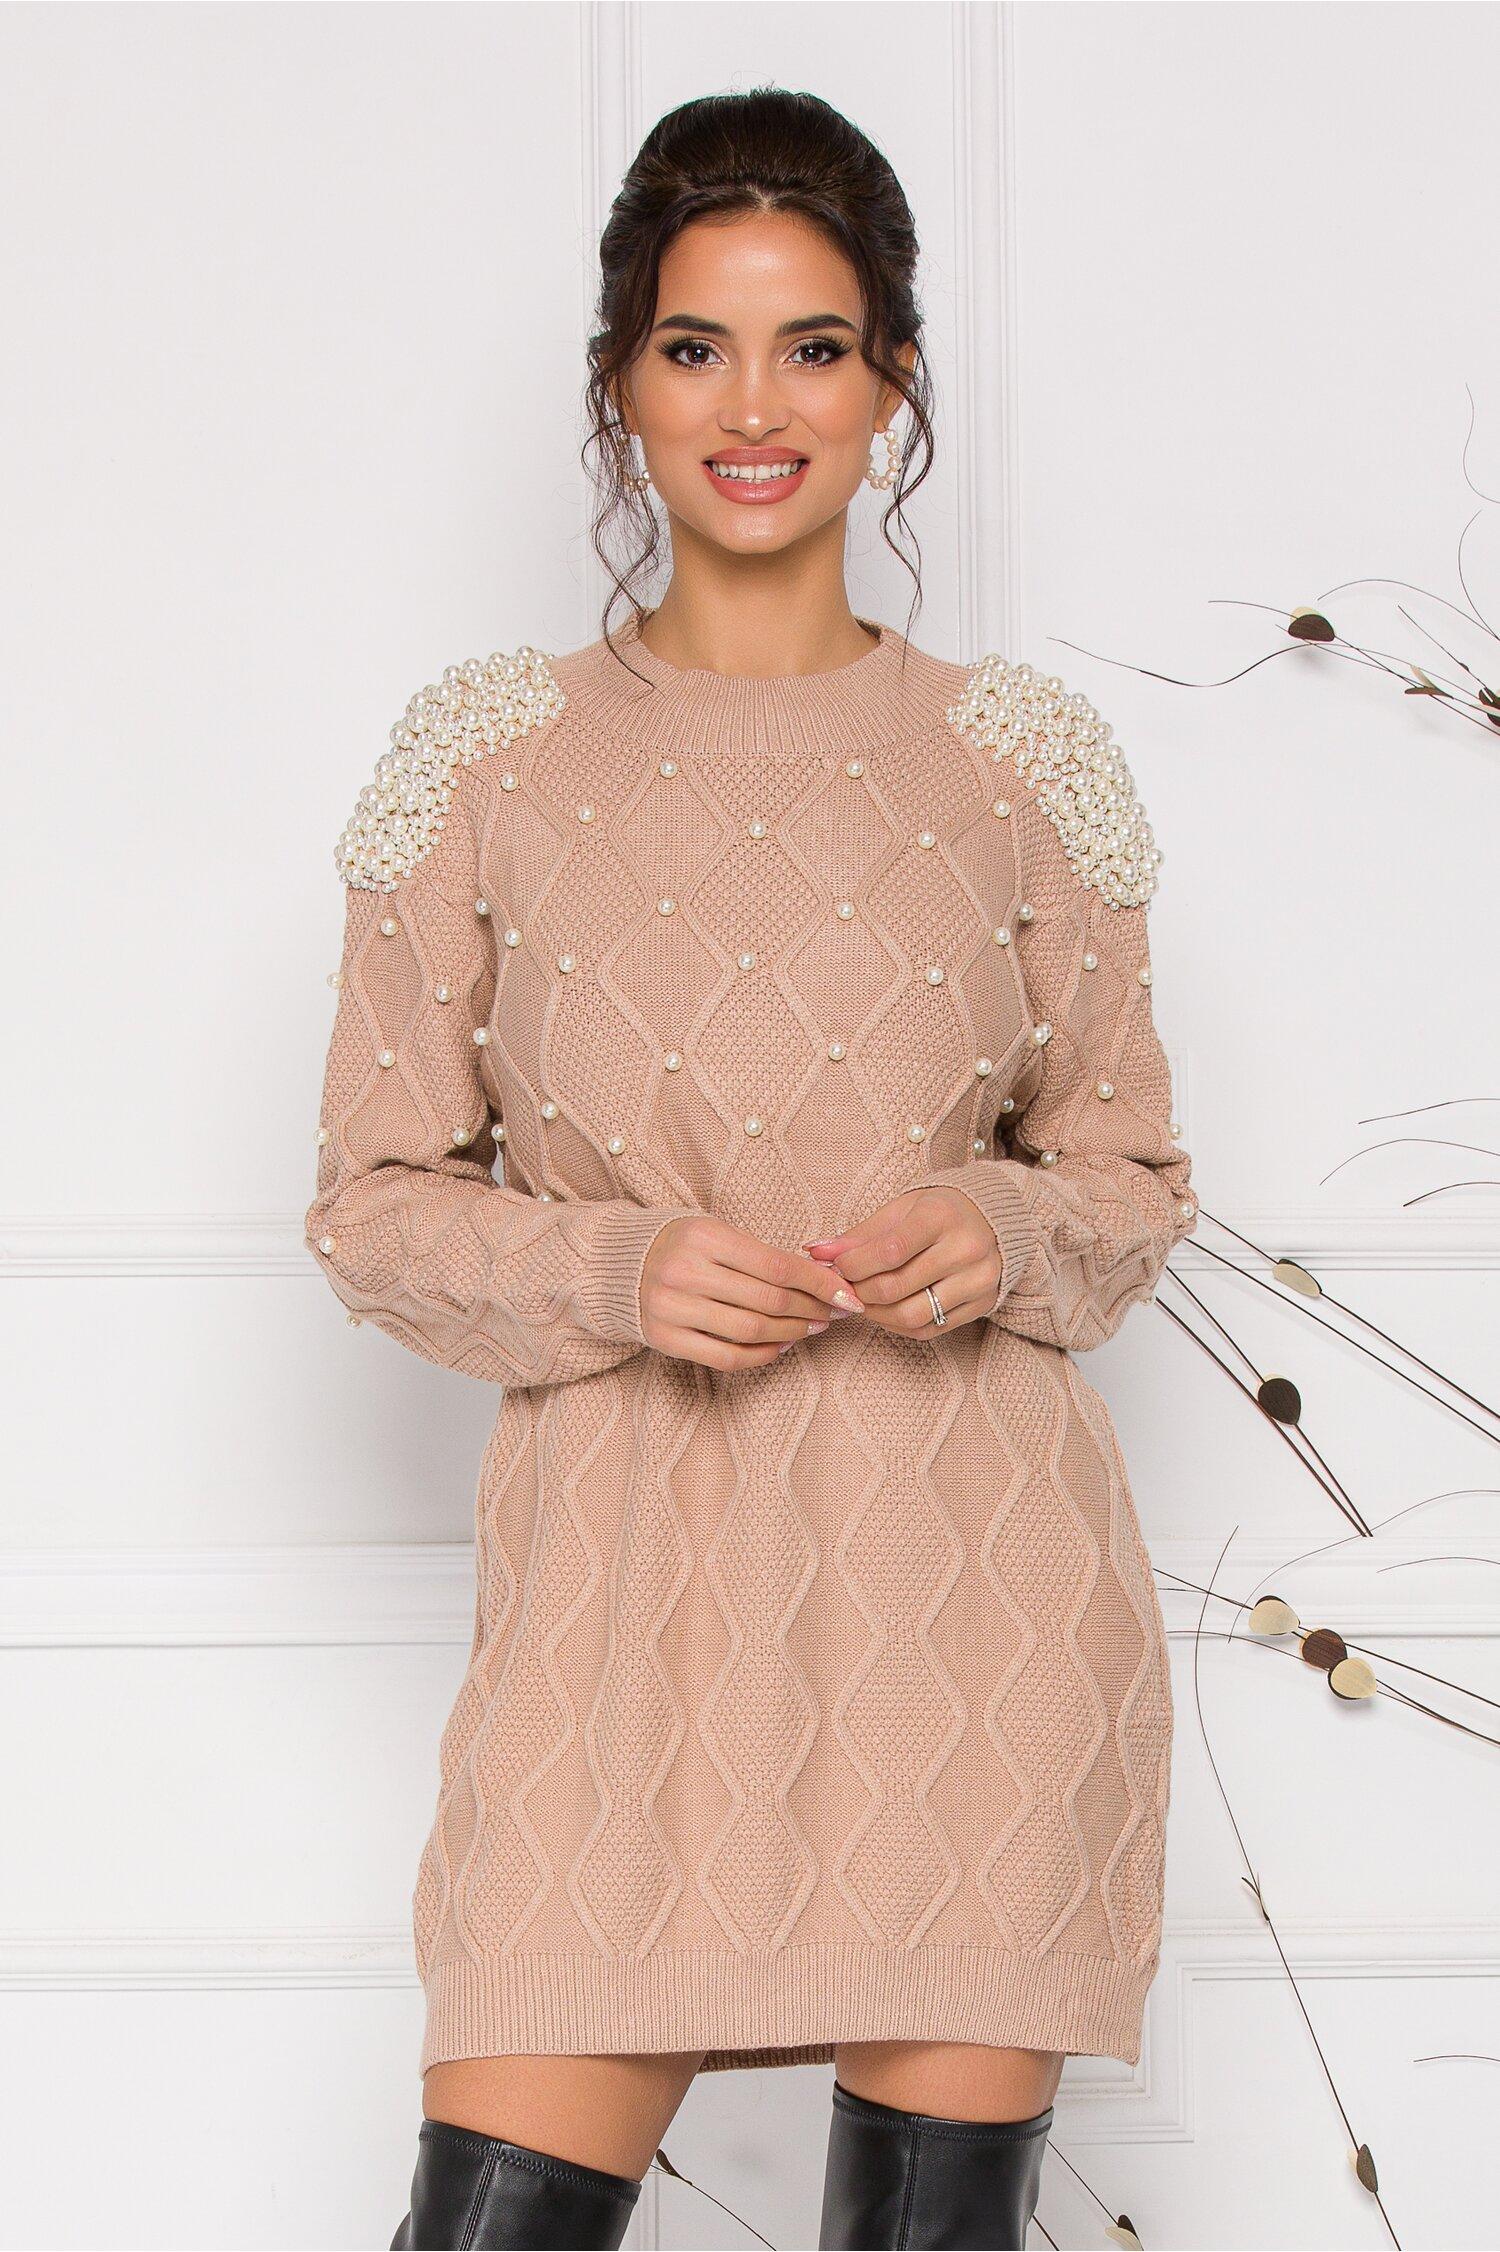 Rochie Pearl maro deschis din tricot accesorizata cu perlute